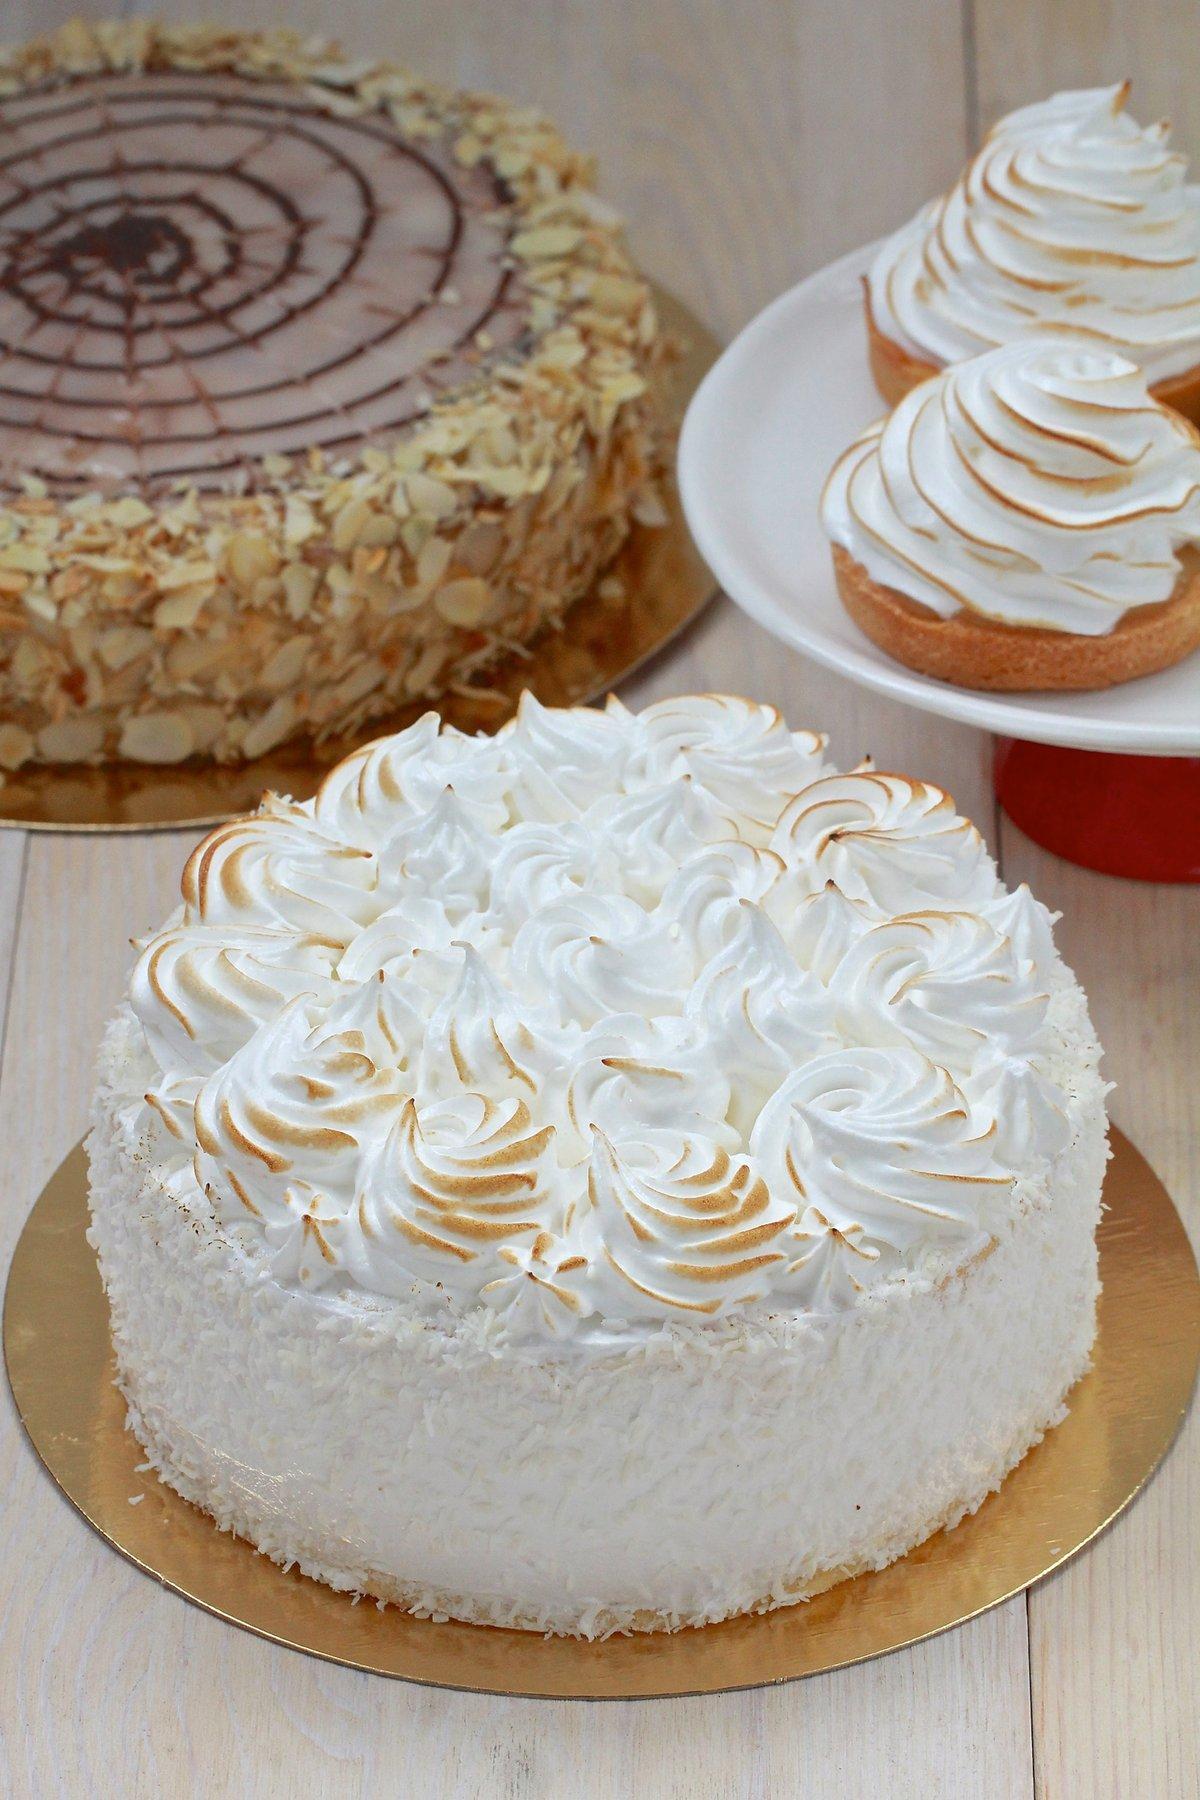 Закусочный торт из вафельных коржей рецепт фото лица красивые